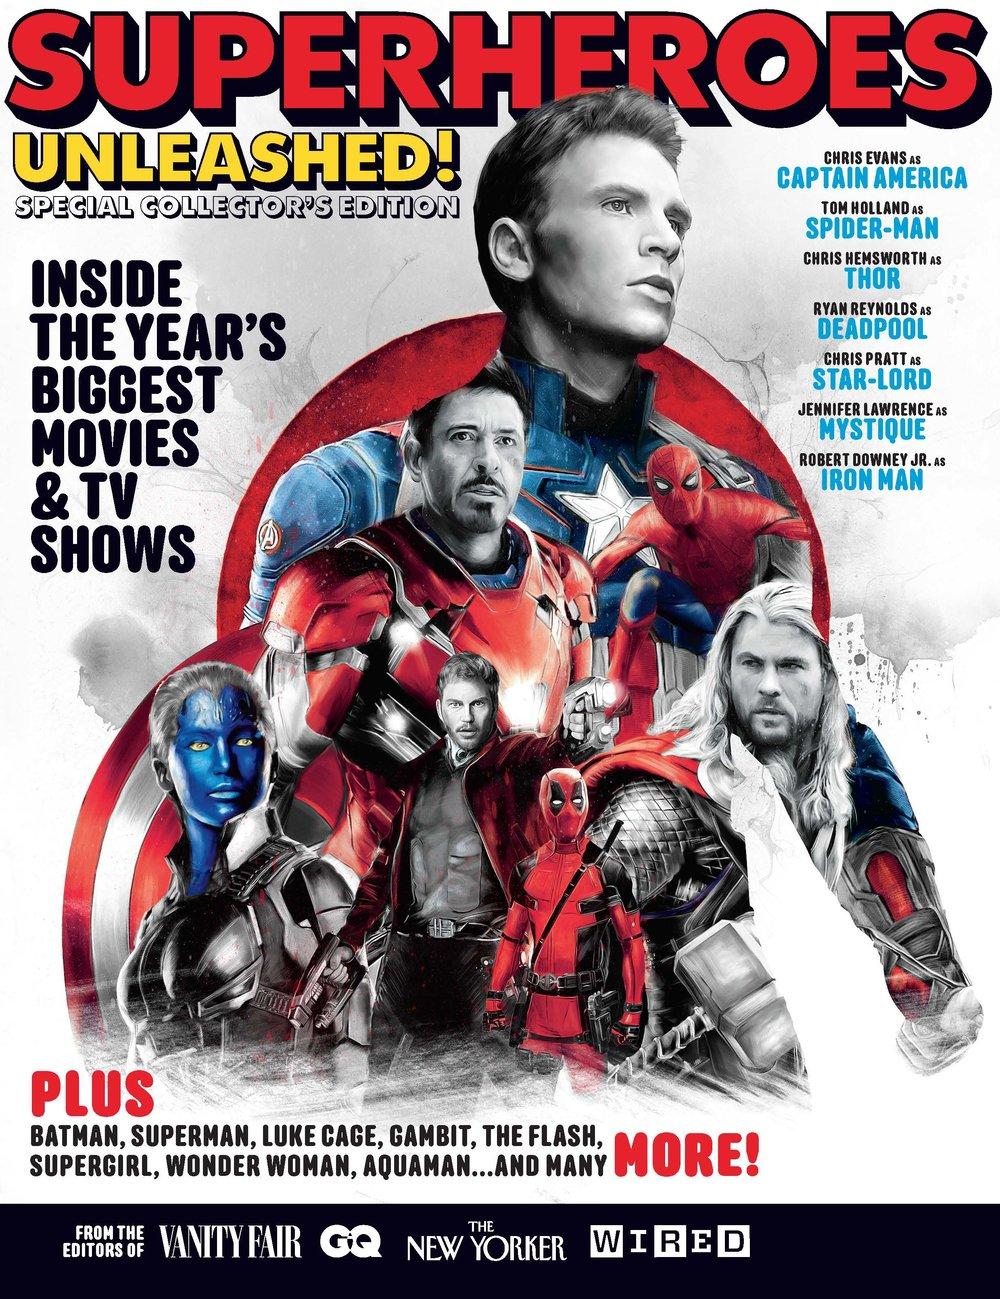 superheroes__unleashed_.jpg